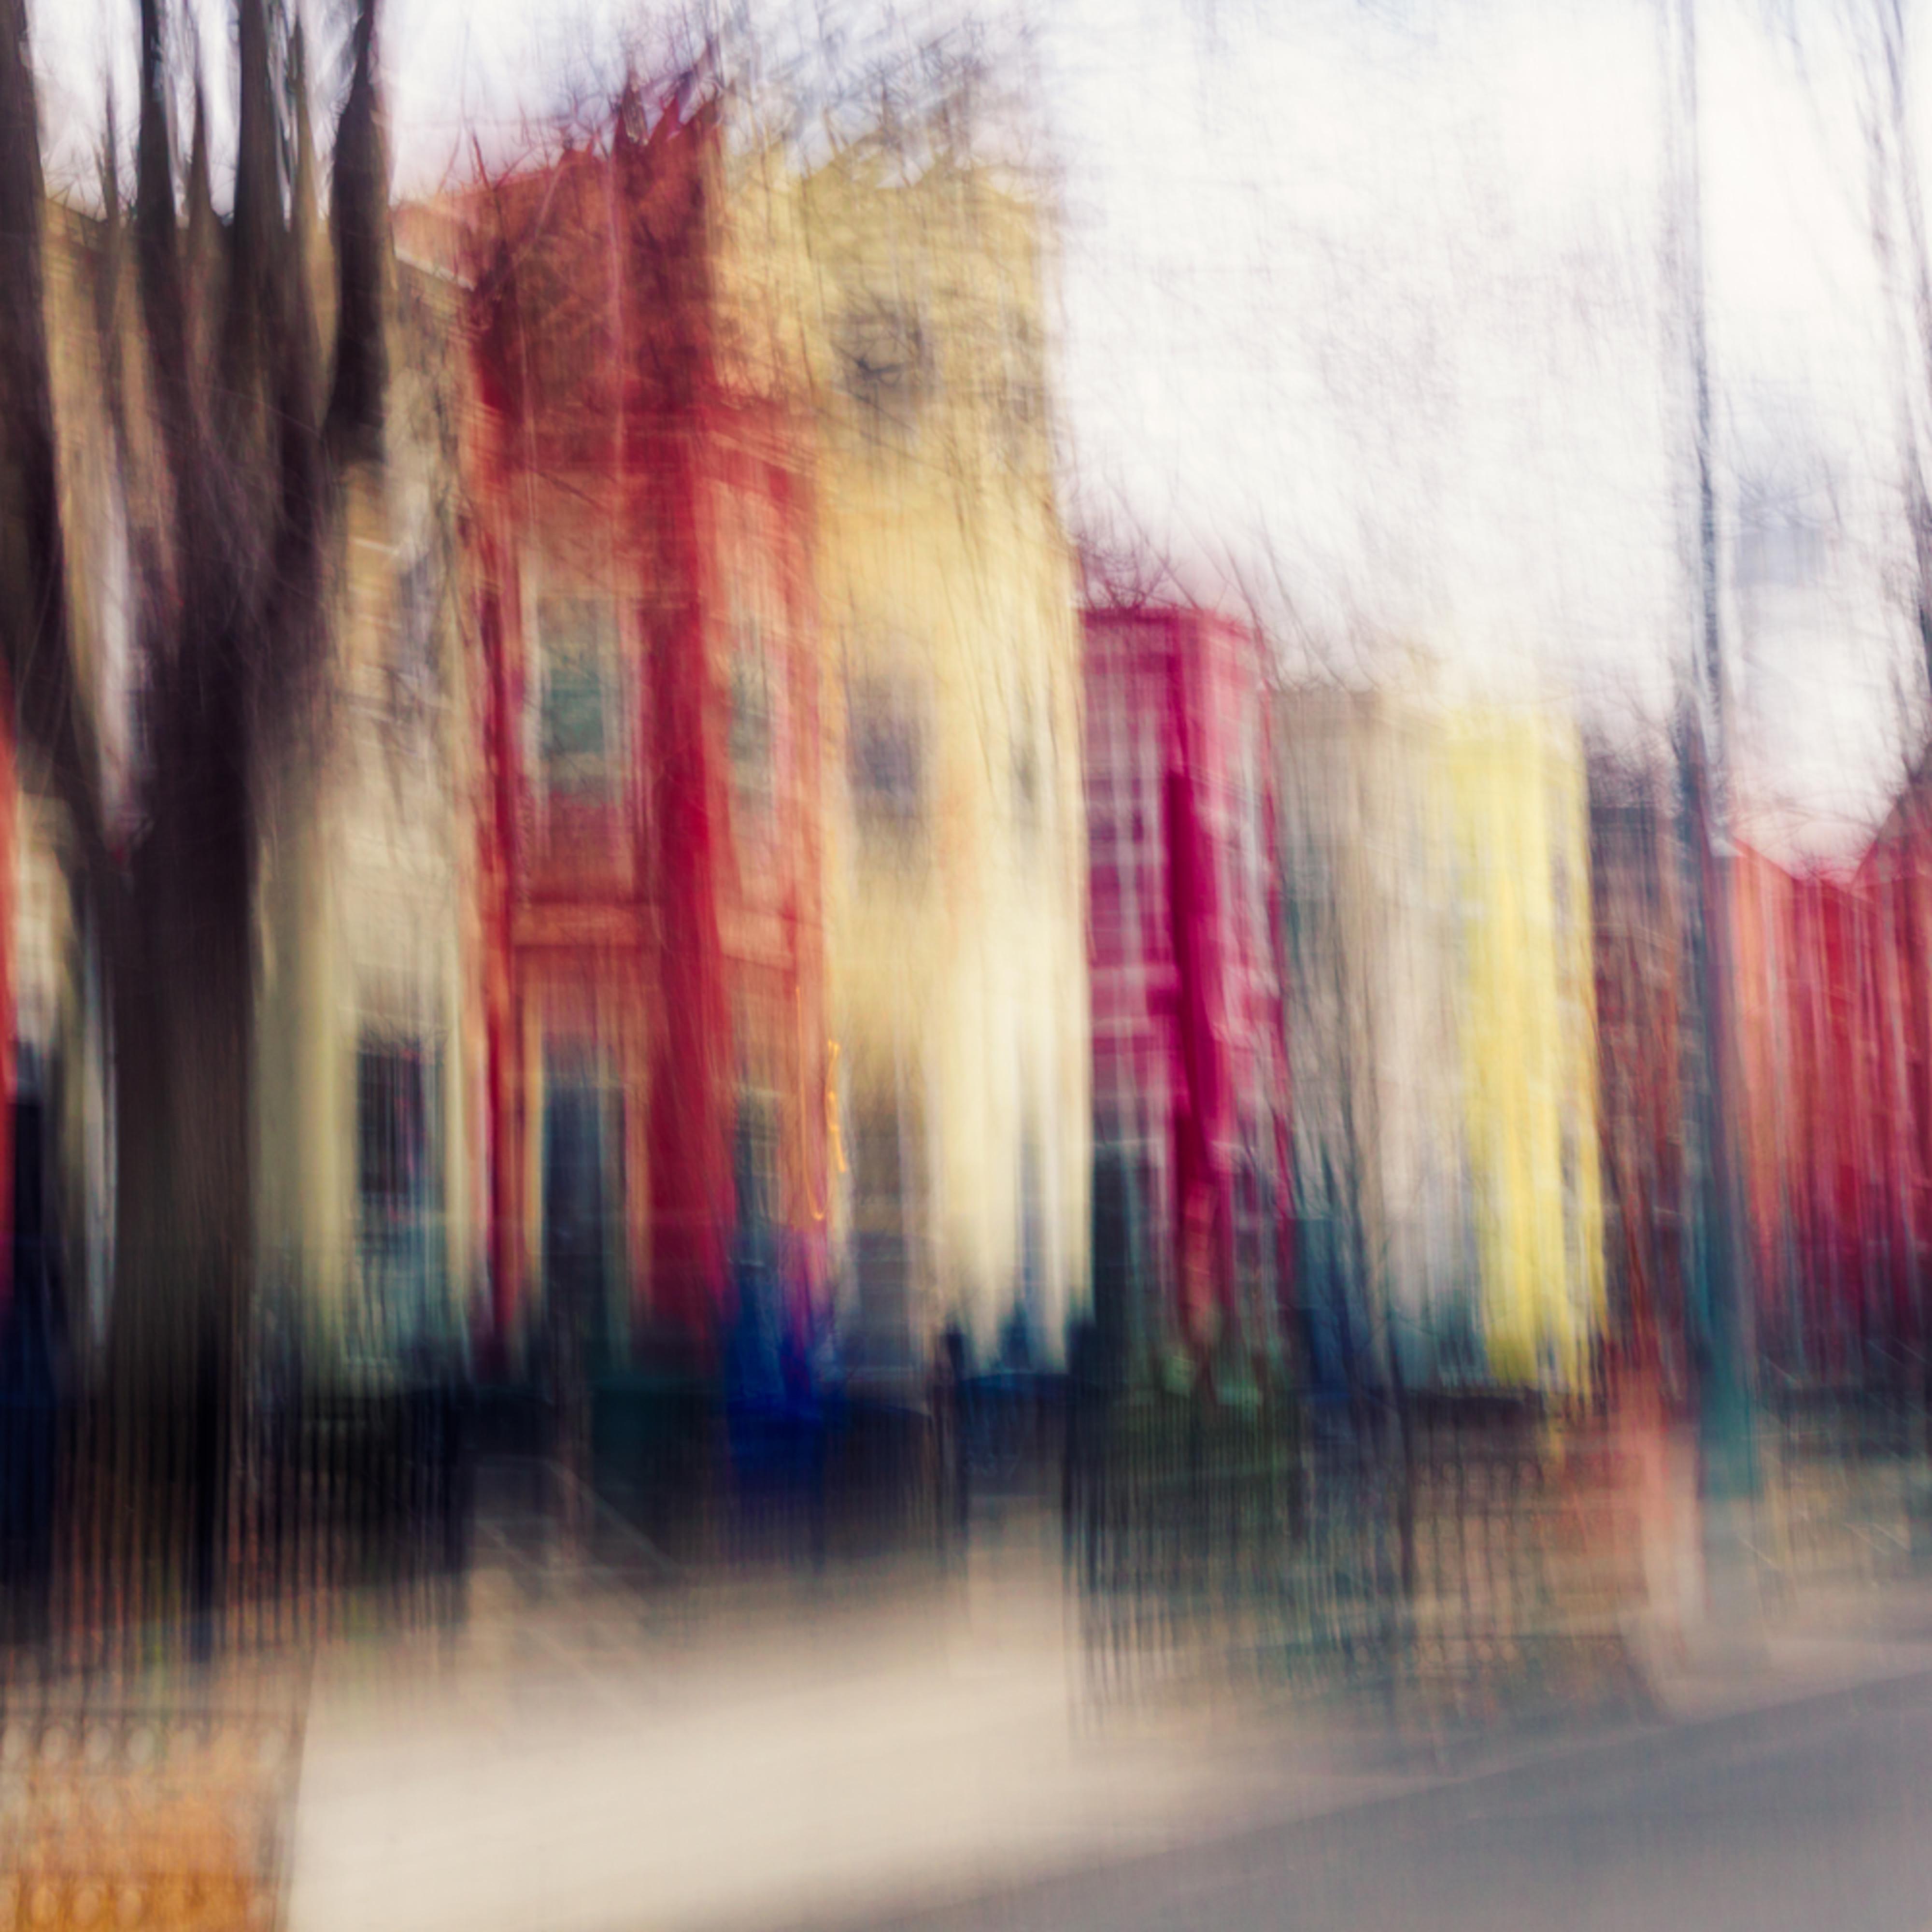 Urban abstract 01118 iiexpx